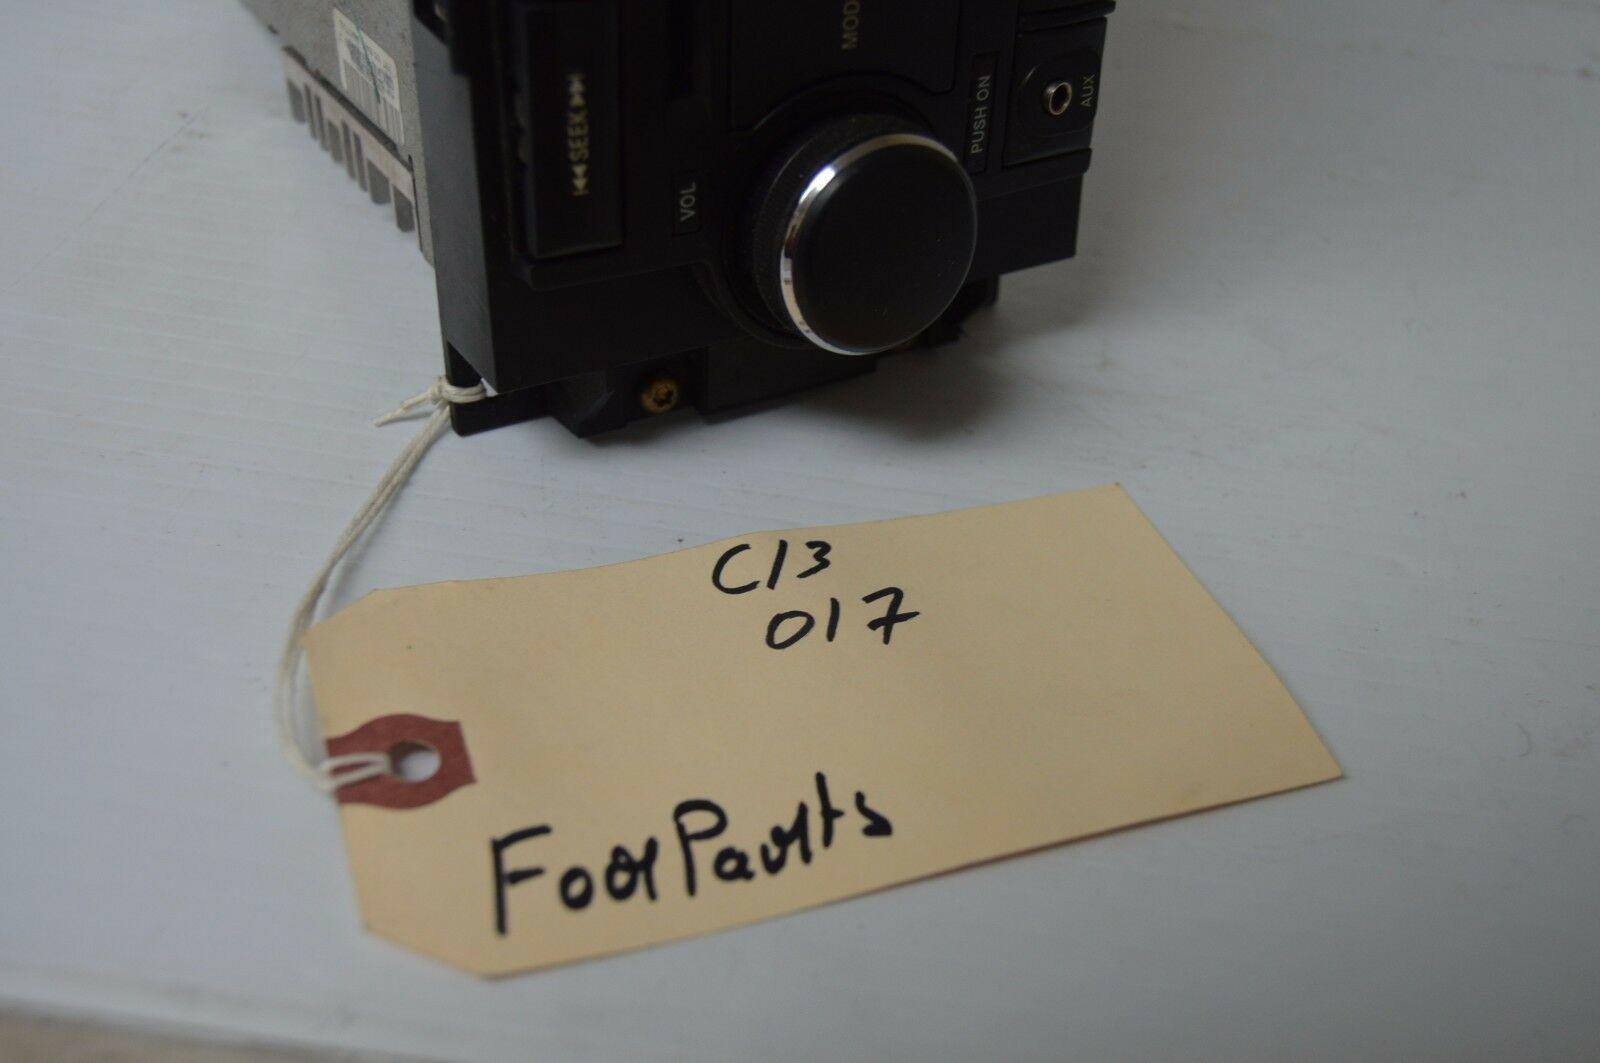 2004-2010 CHRYSLER DODGE RADIO CD PLAYR AUX IPOD (FOR PARTS) P05064171AF C13#017 image 7